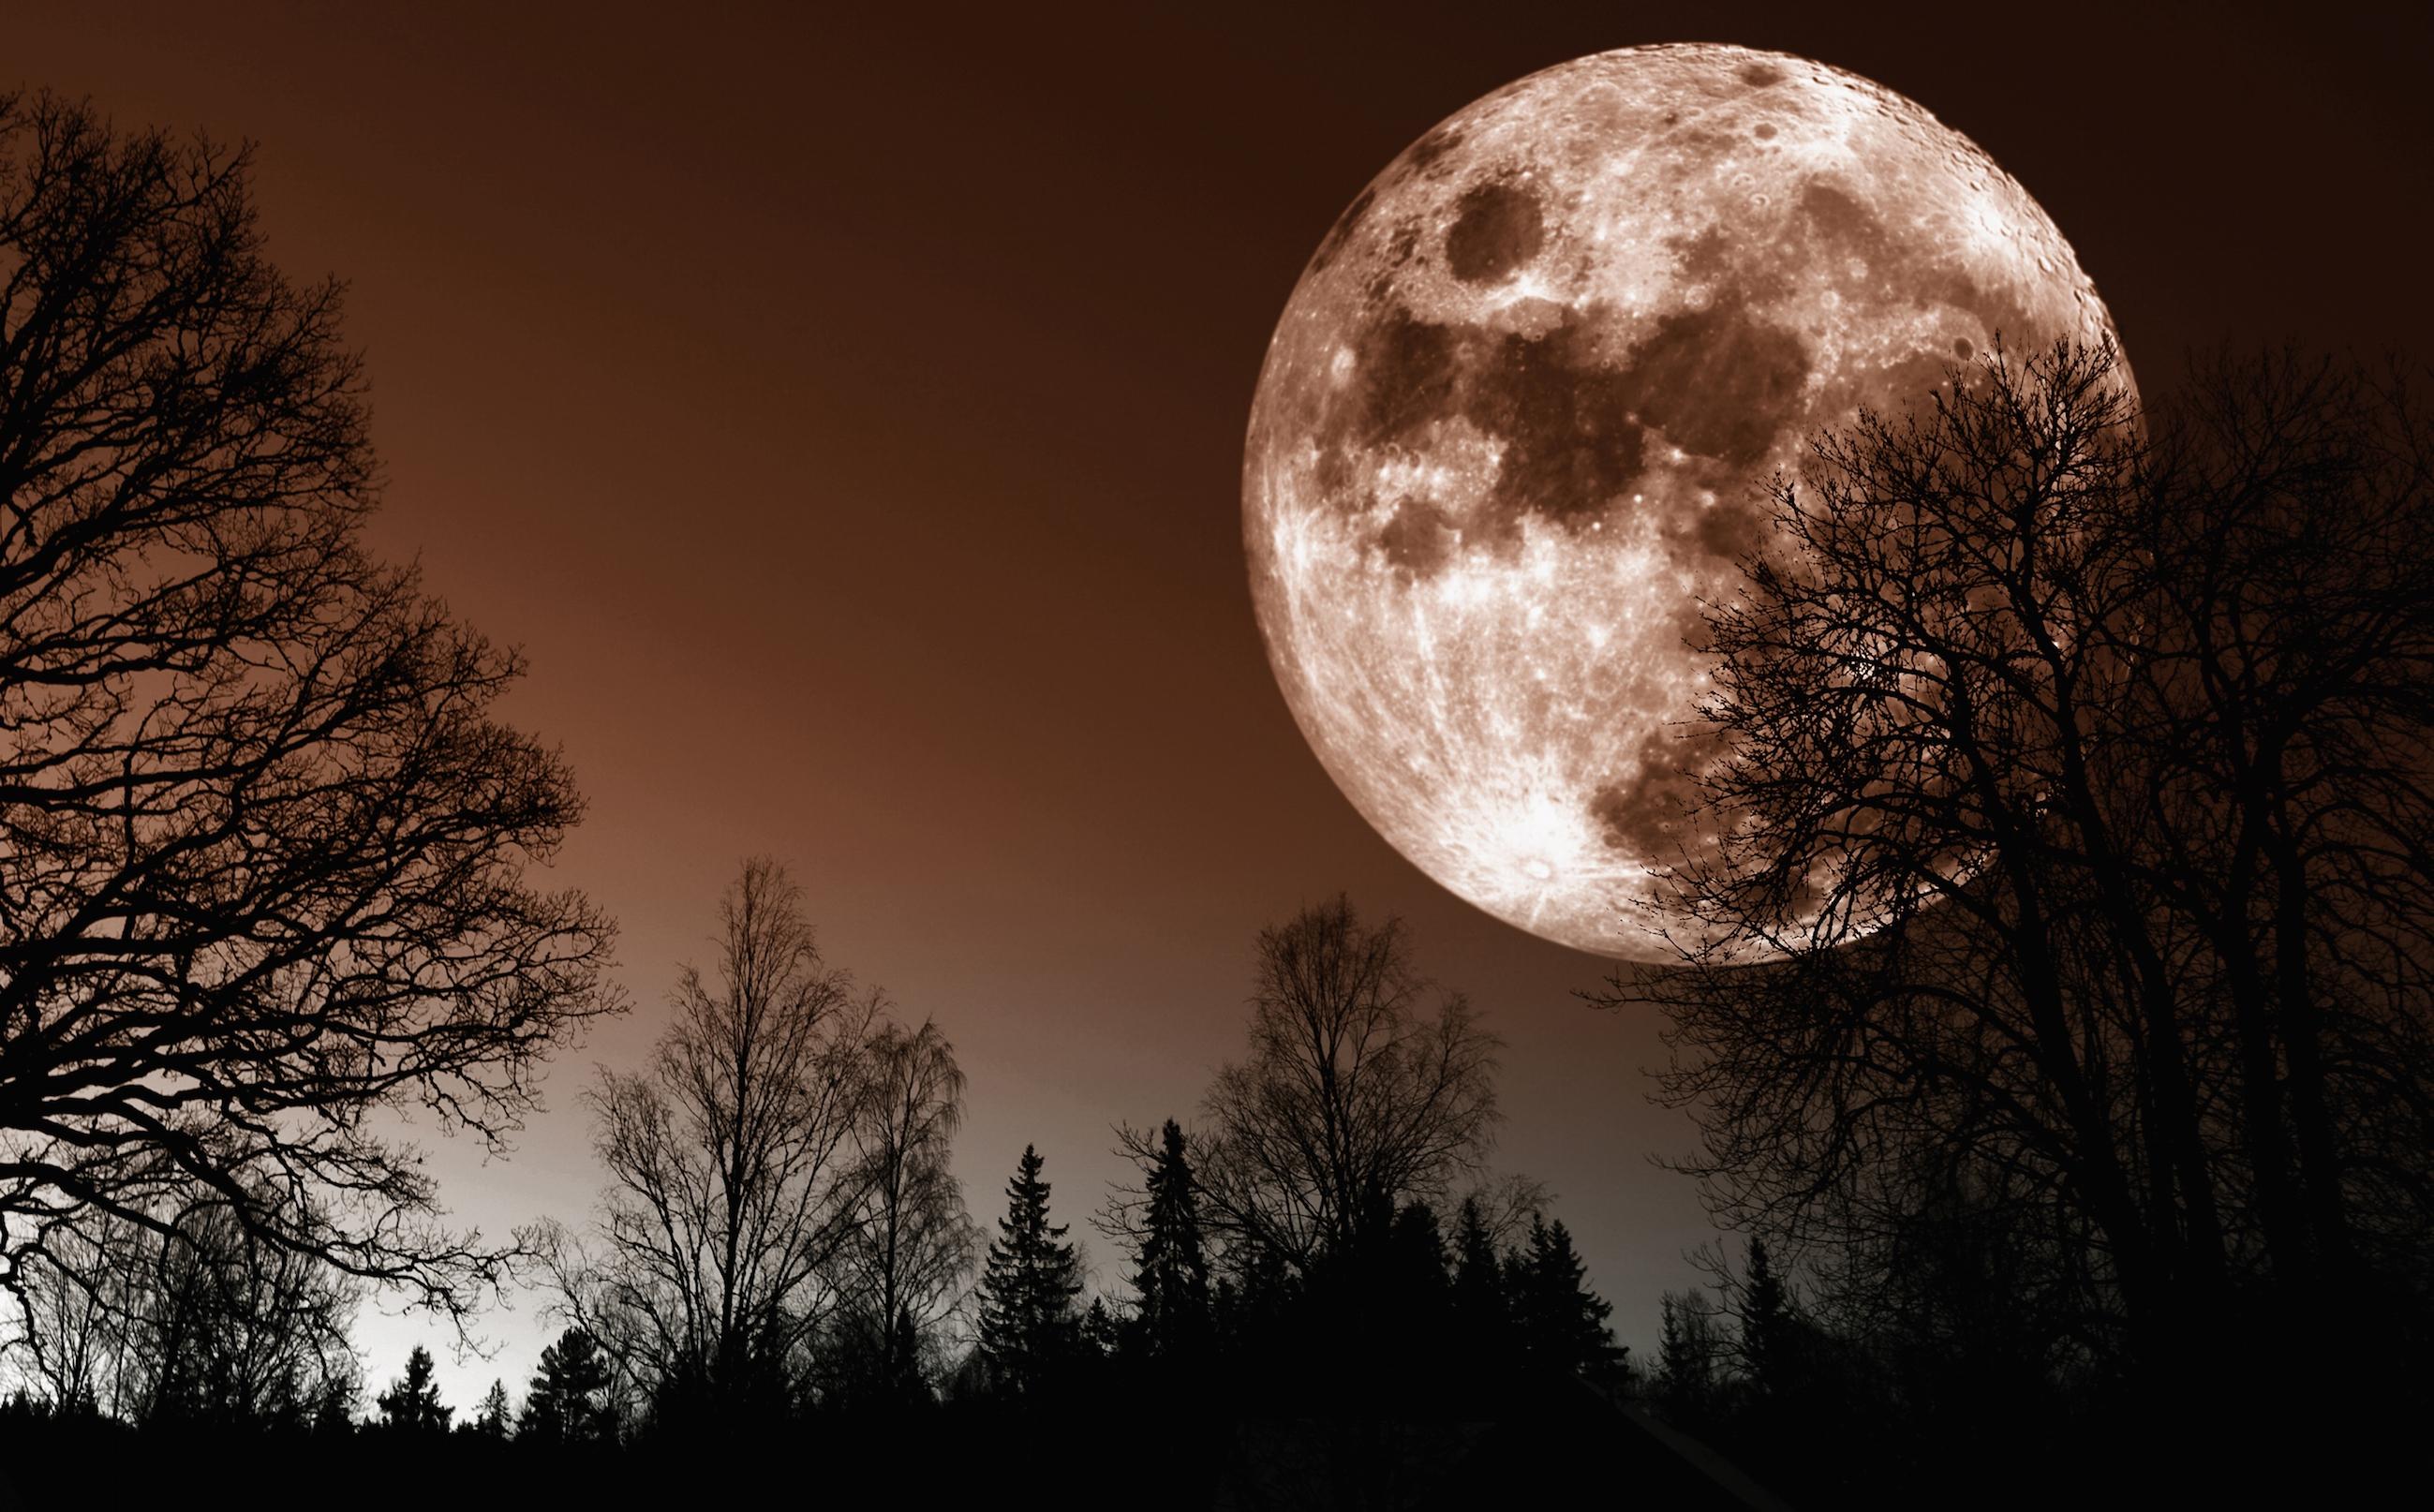 Galaxy lovers opgelet: maandag spot je de grootste maan van deze eeuw!